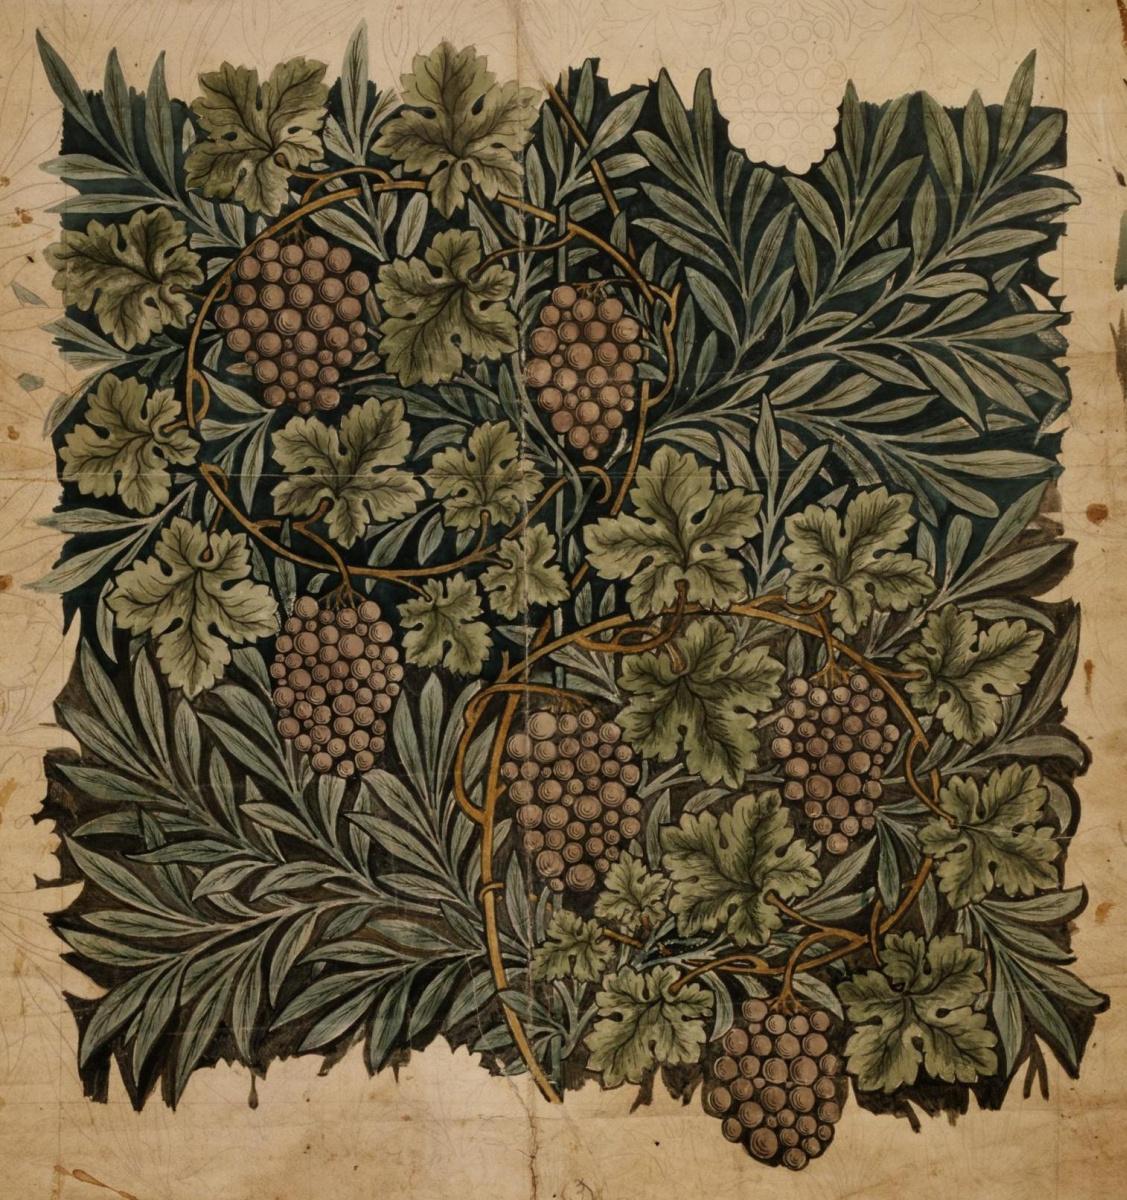 William Morris. Grapes